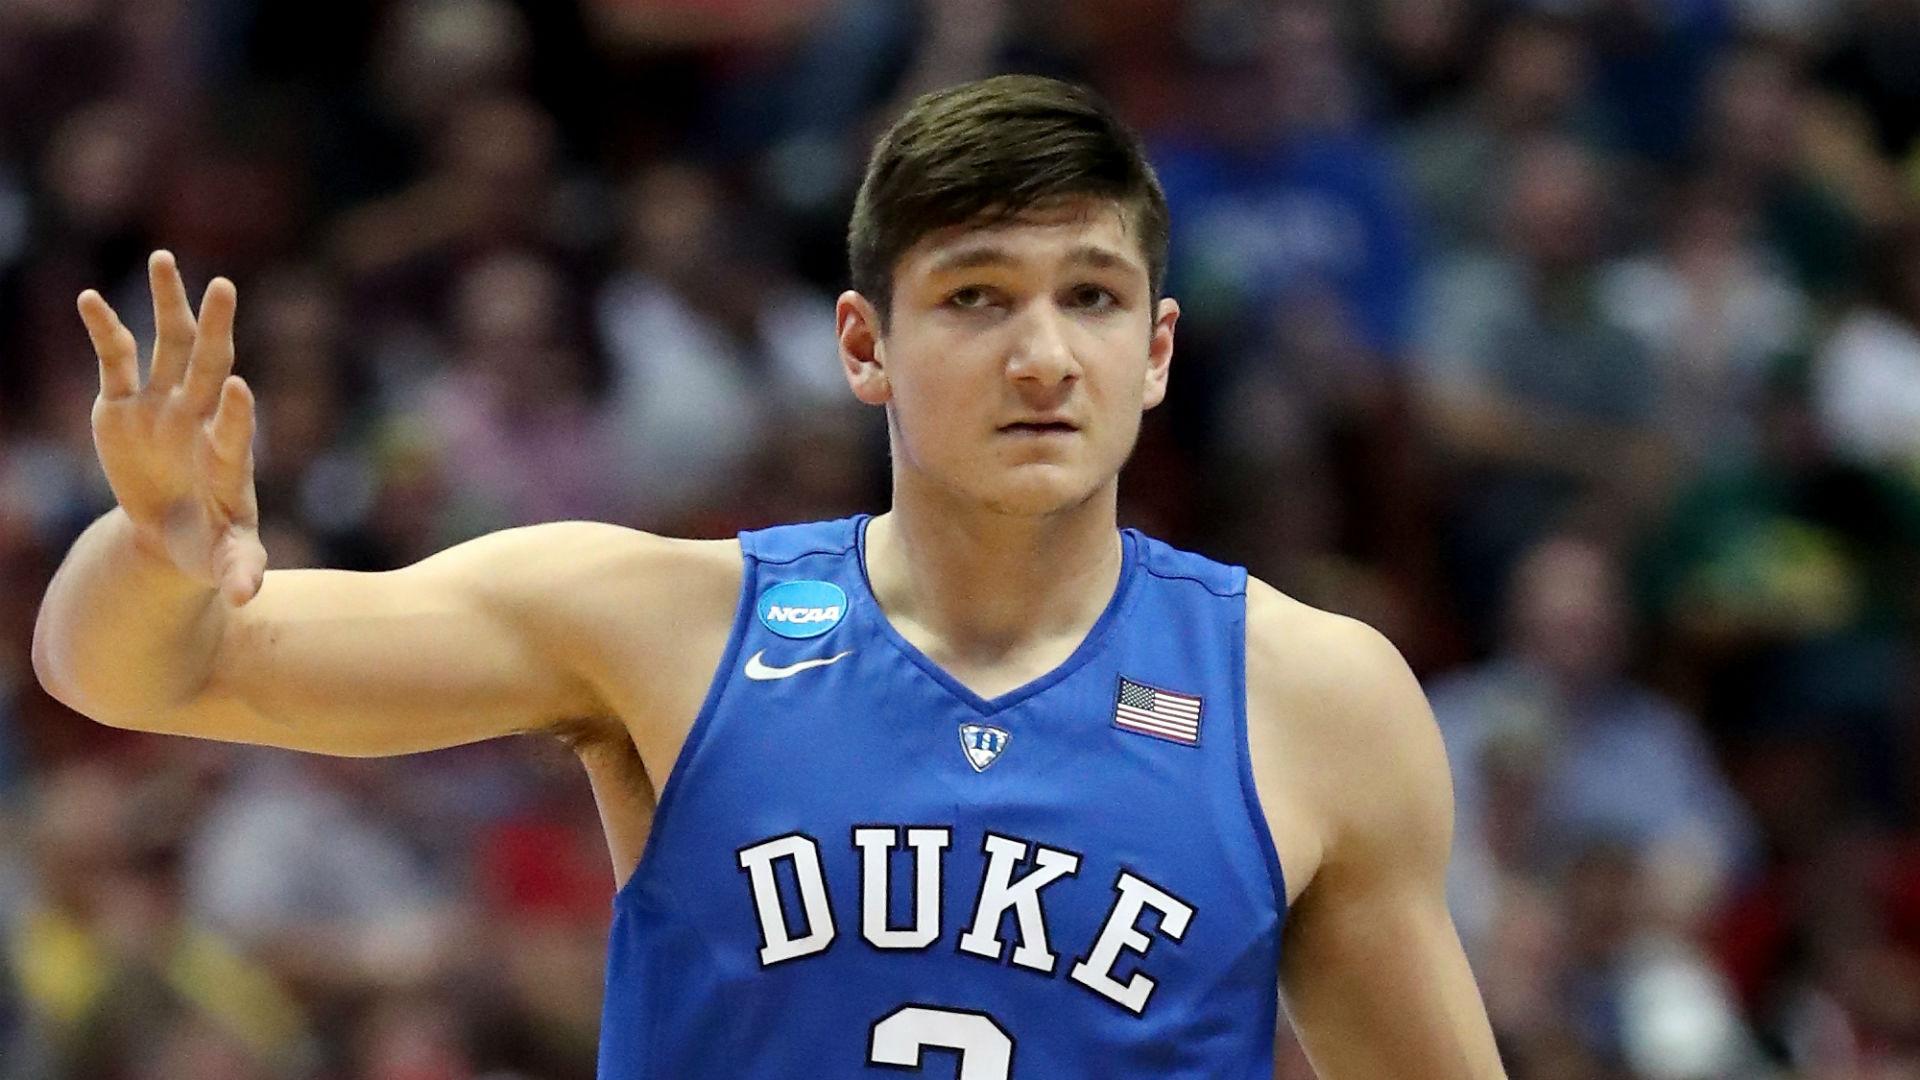 Duke's Grayson Allen regains captain honor